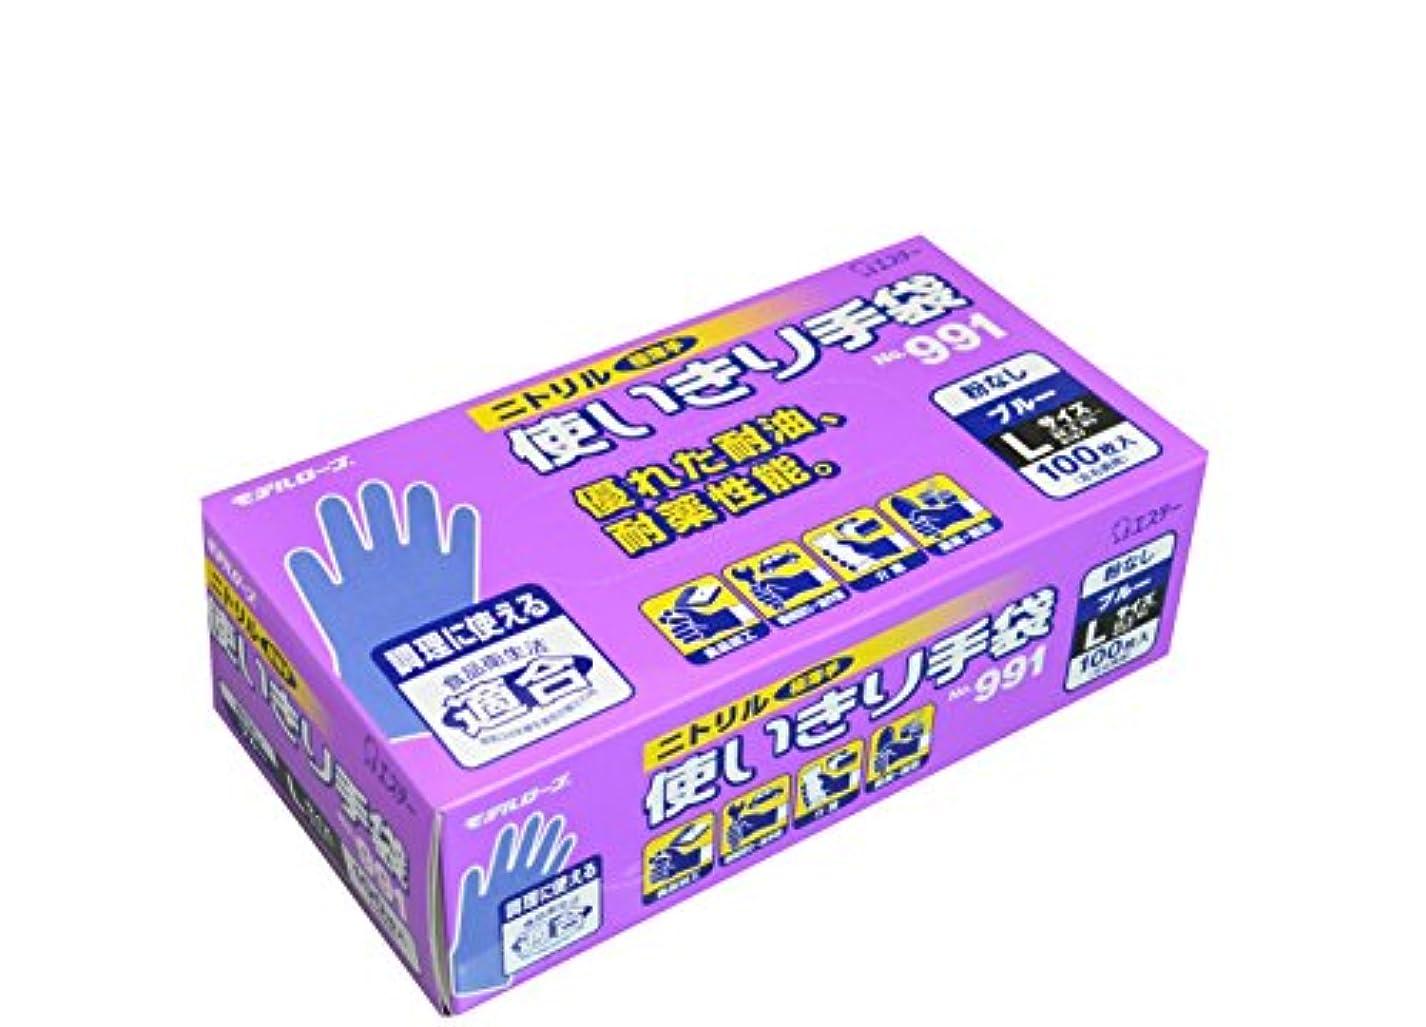 キャスト持っているサイトモデルローブ NO991 ニトリル使い切り手袋 100枚 ブルー L